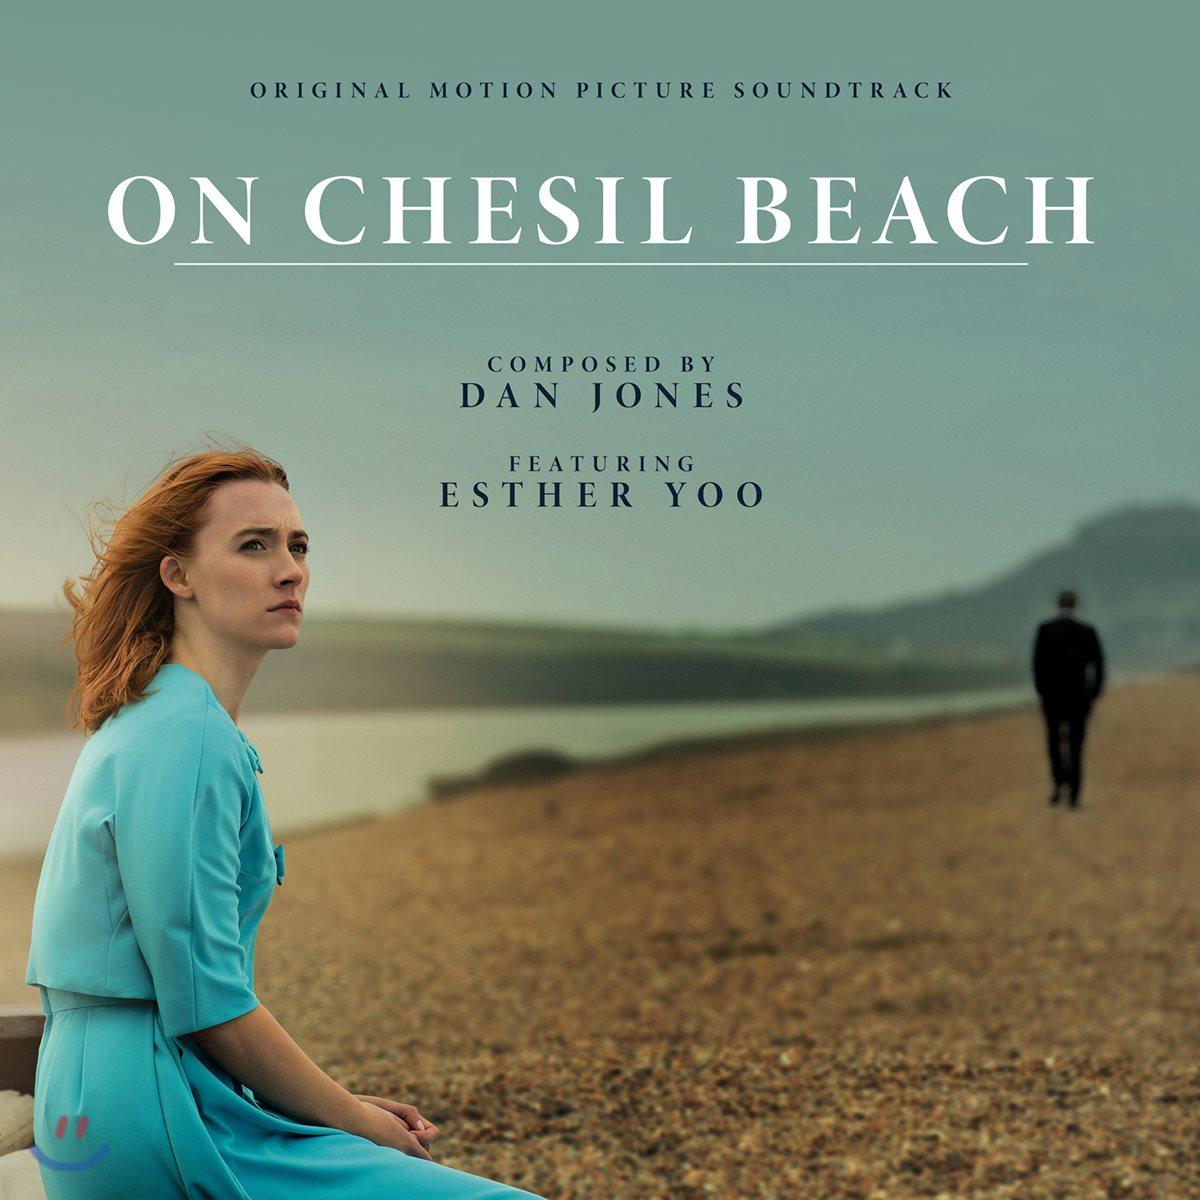 체실 비치에서 영화음악 (On Chesil Beach OST) [에스더 유 연주]